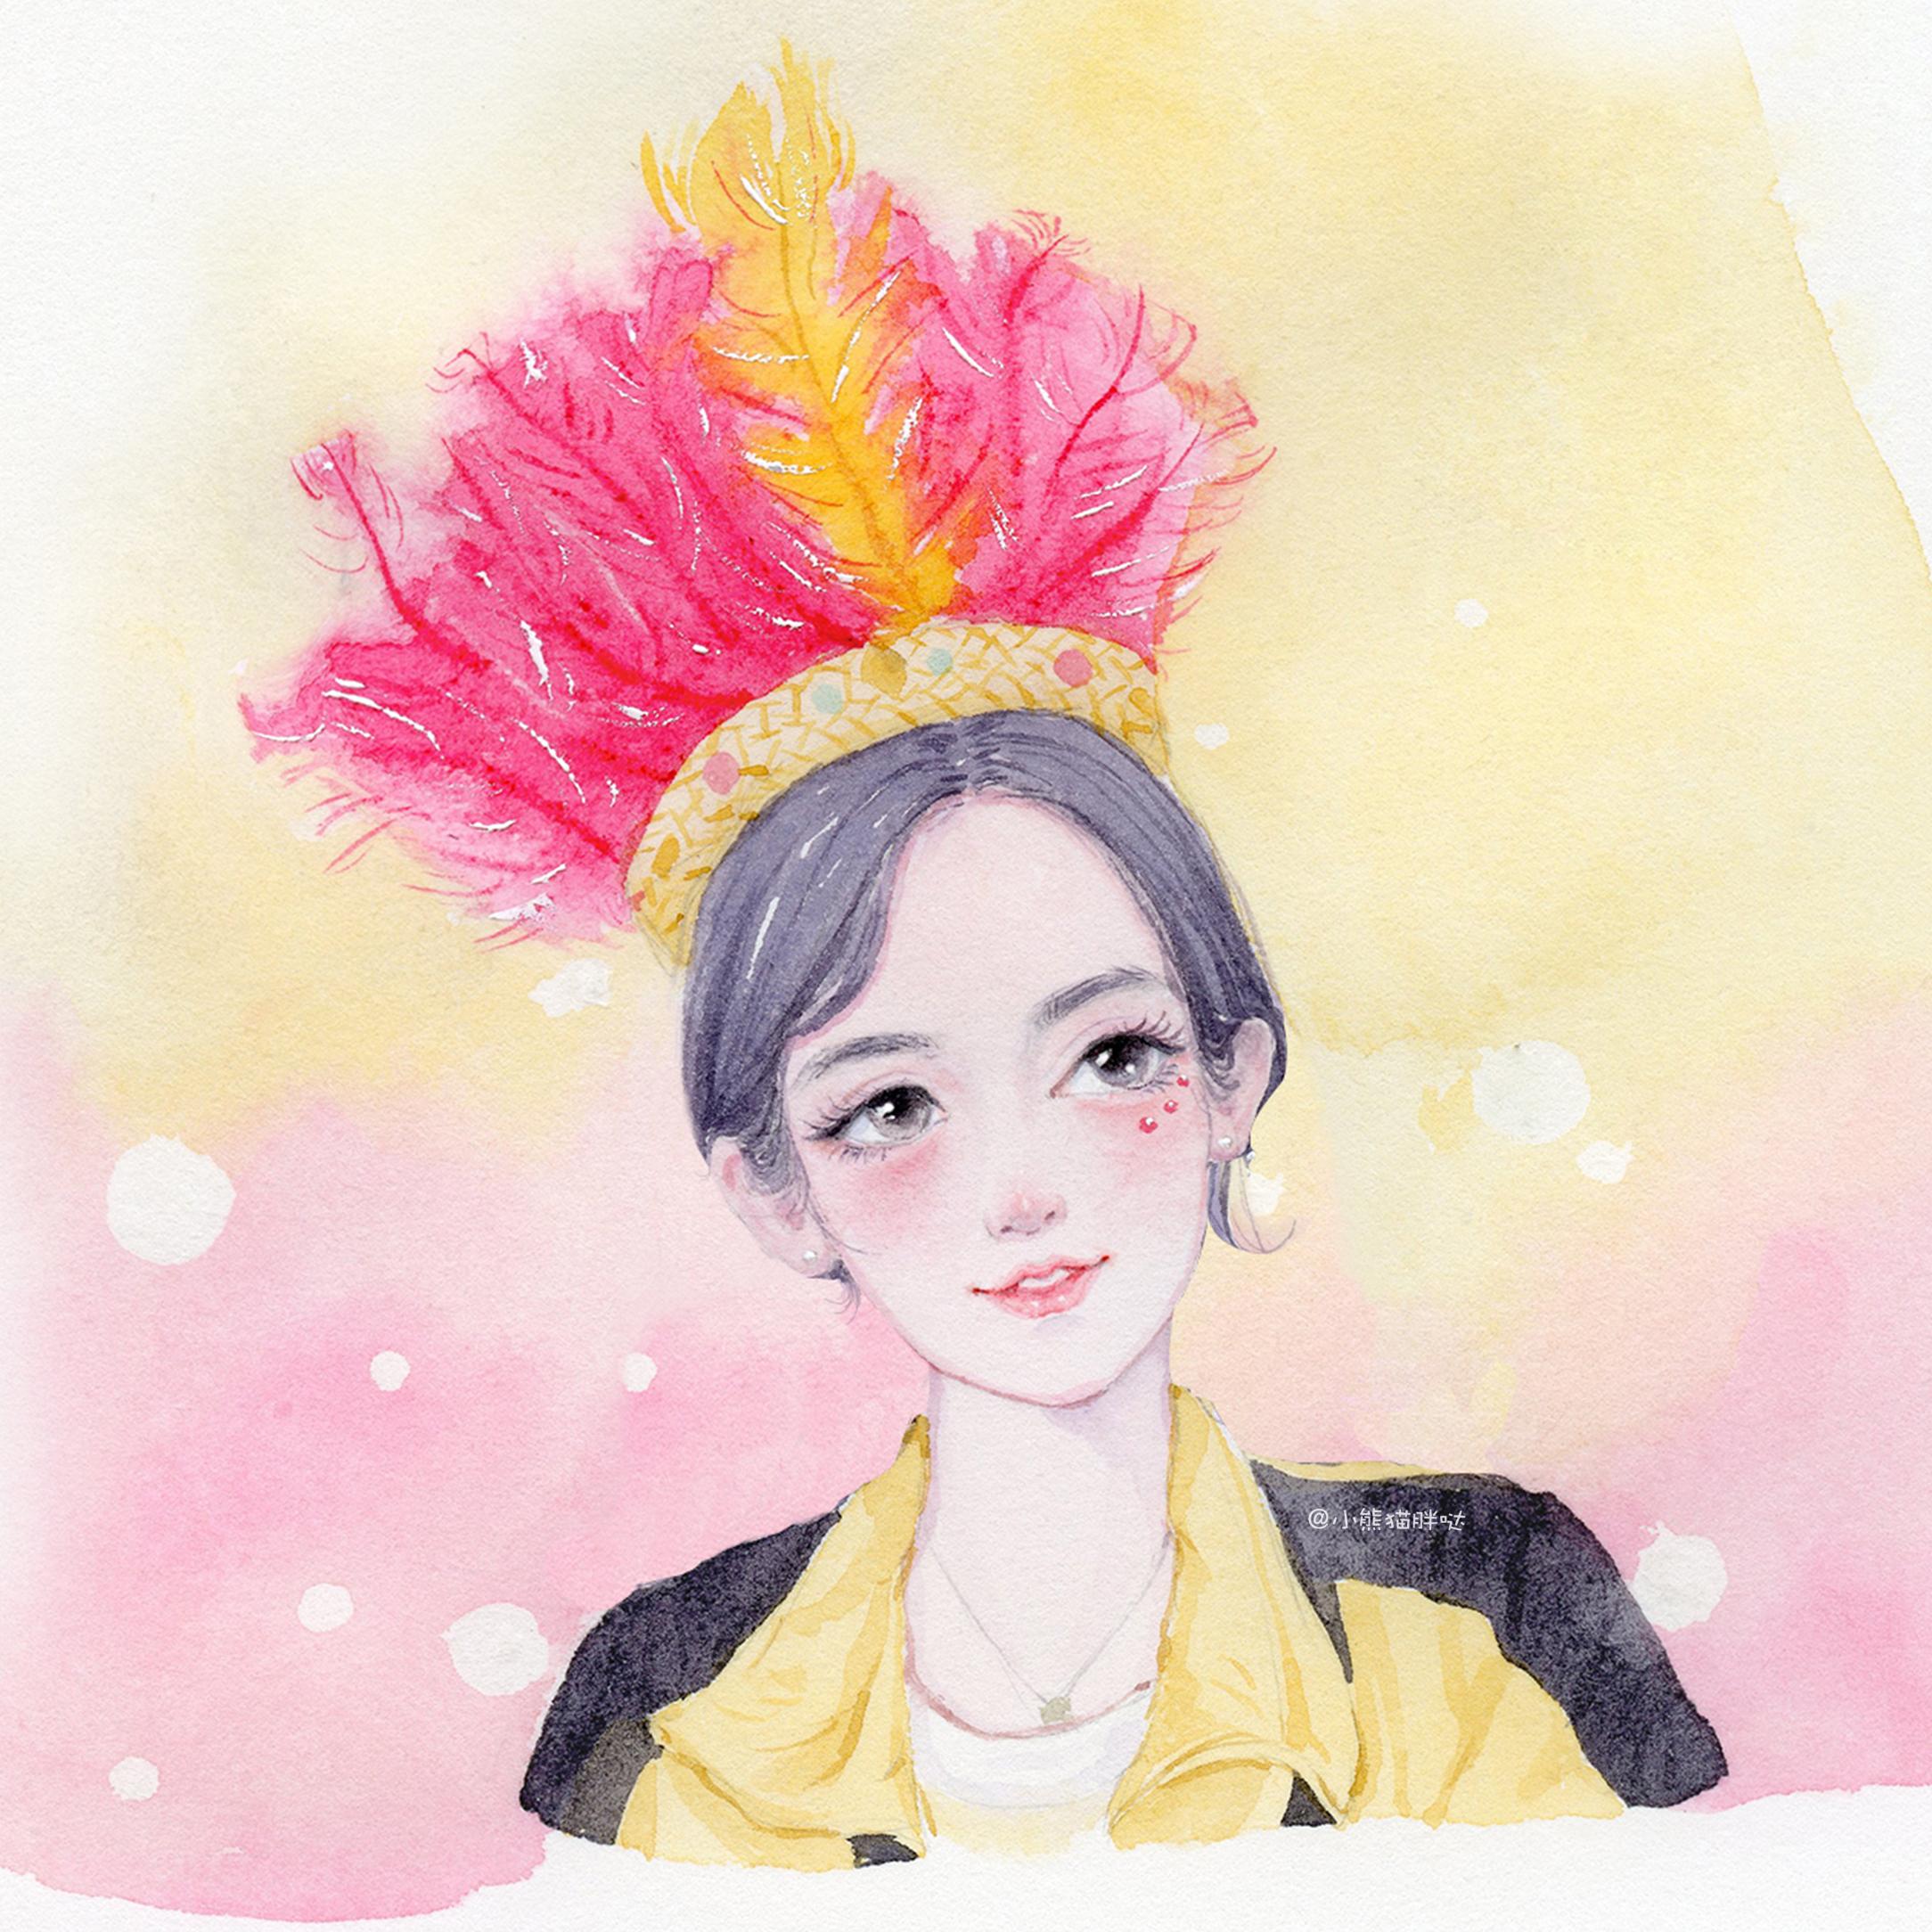 【小熊猫】花儿与少年水彩插画手绘人物水彩插画教程人物卡通头像手绘